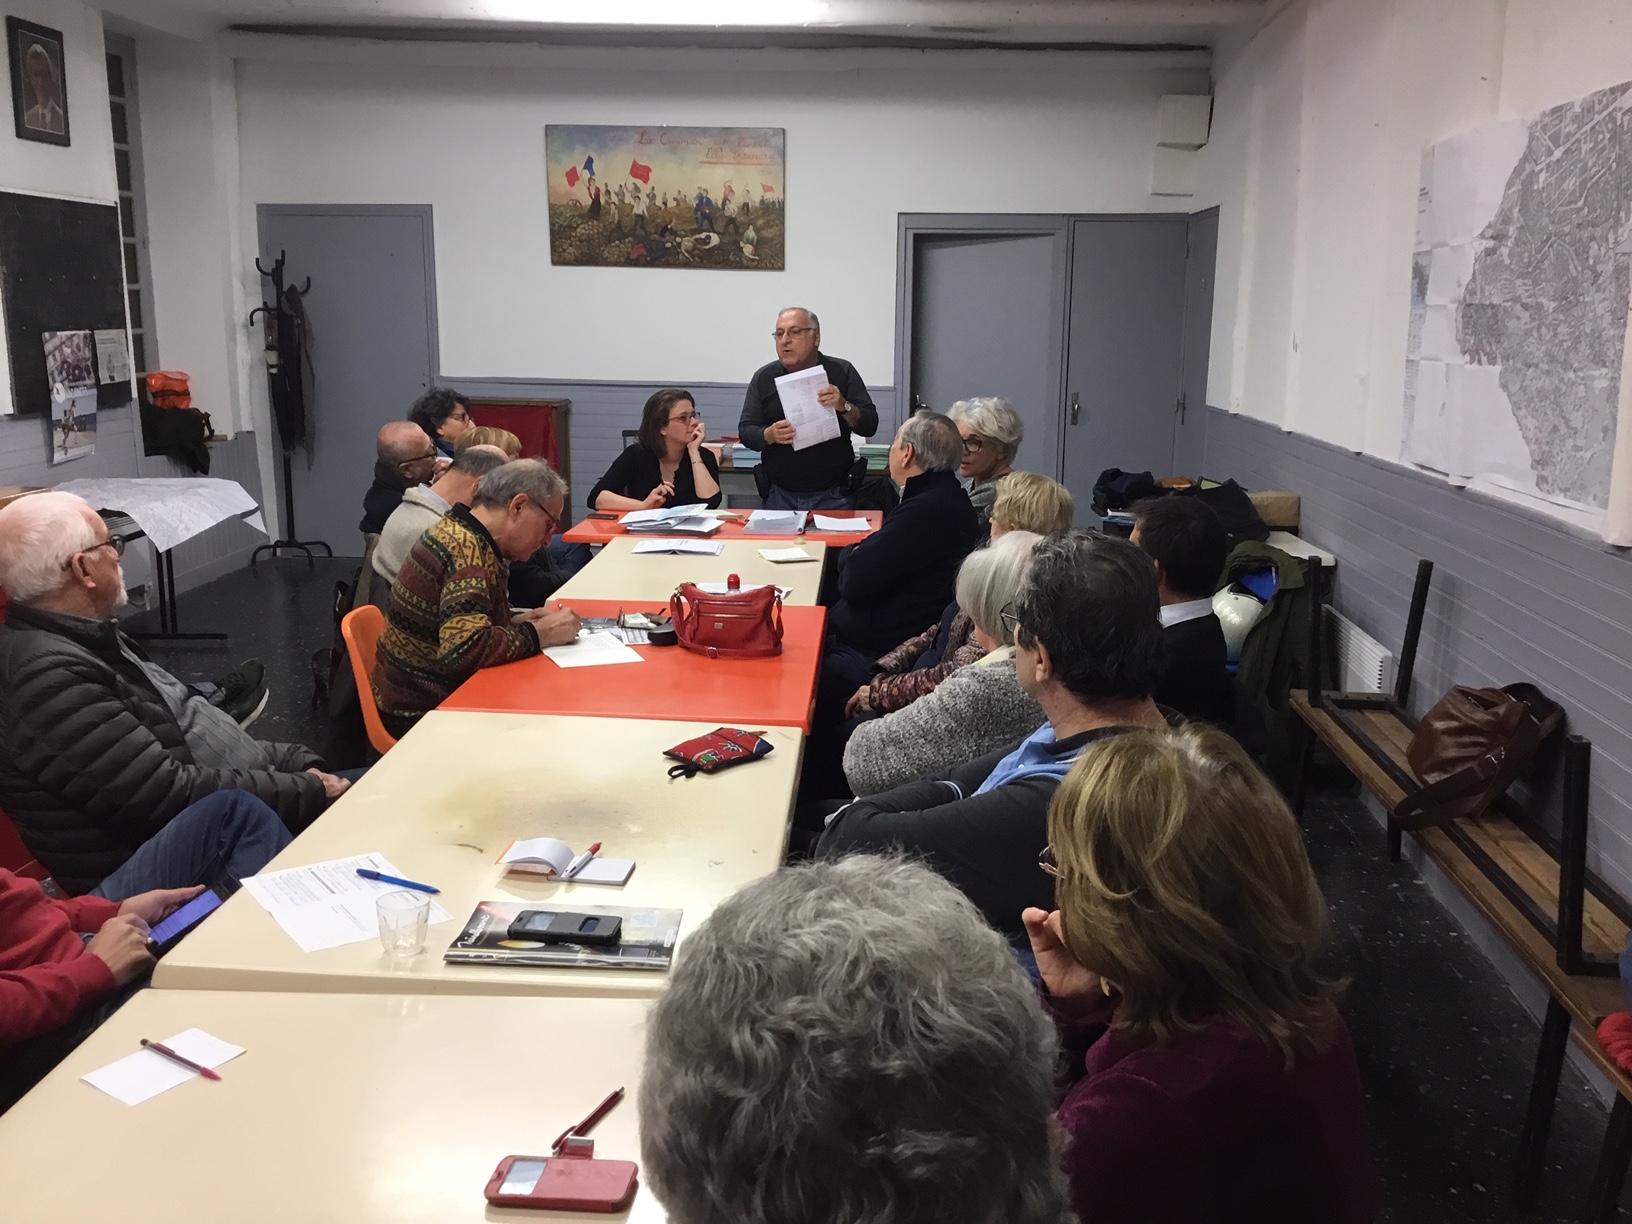 Mobilisation citoyenne à l'Agora Guy Hermier (7e)  pour participer à l'enquête publique sur le Plan Local d'Urbanisme Intercommunal (PLUI)